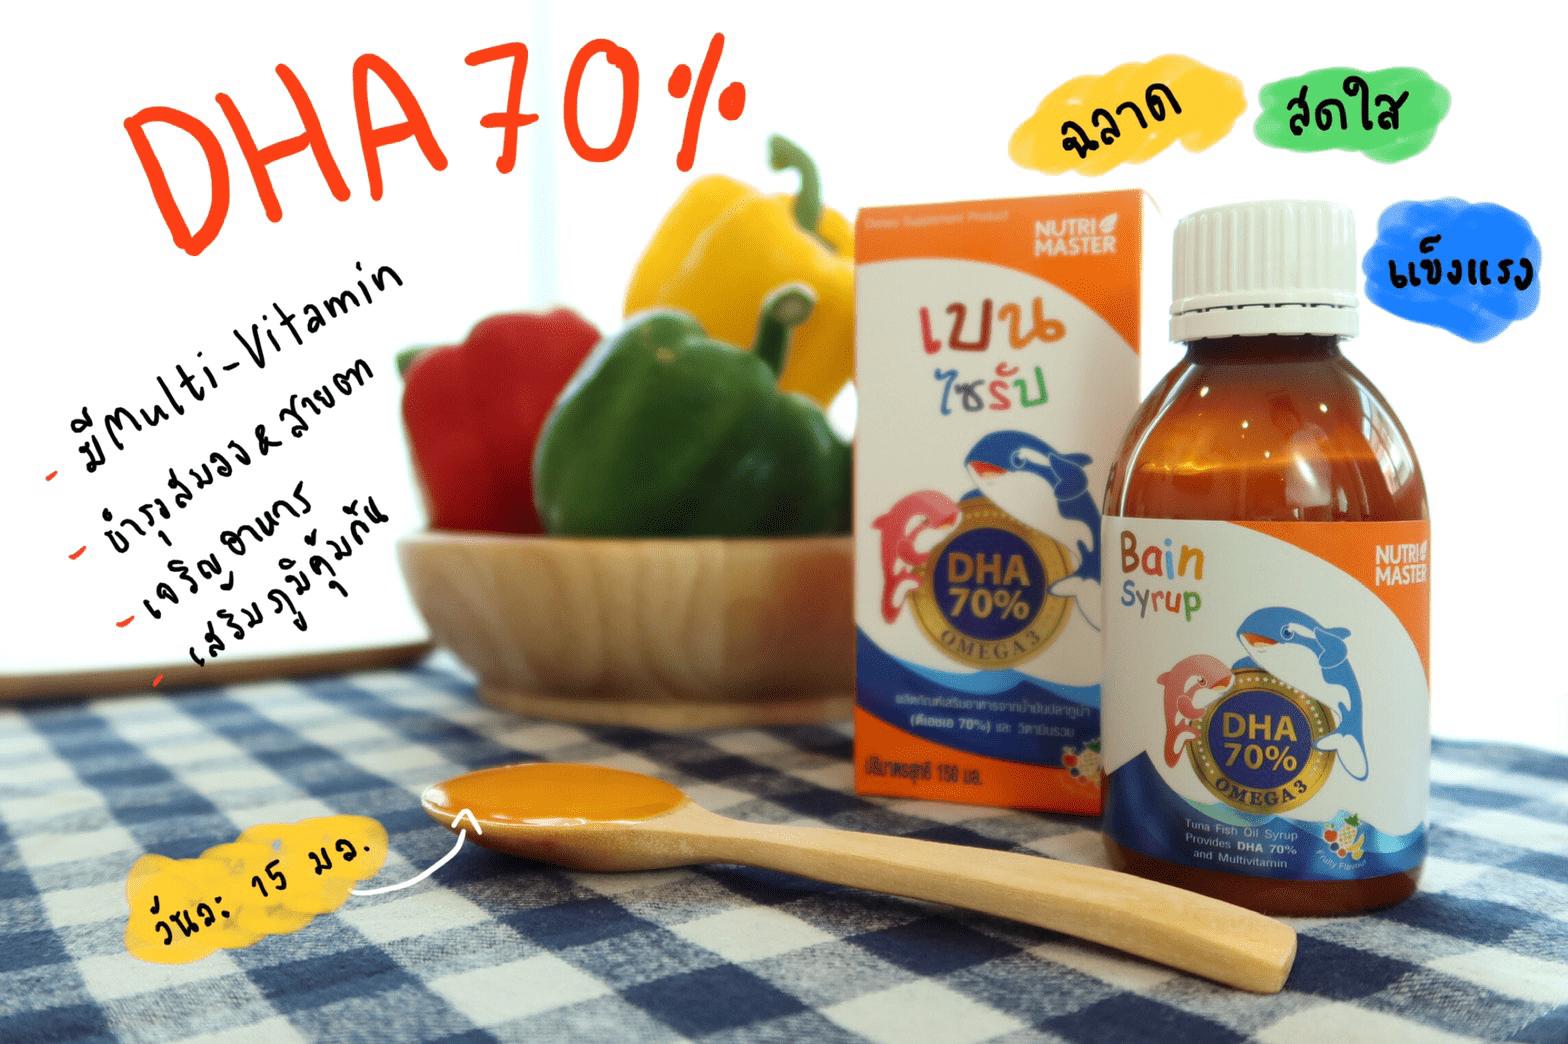 เบนไซรัป (Bain Syrup) DHA 70%